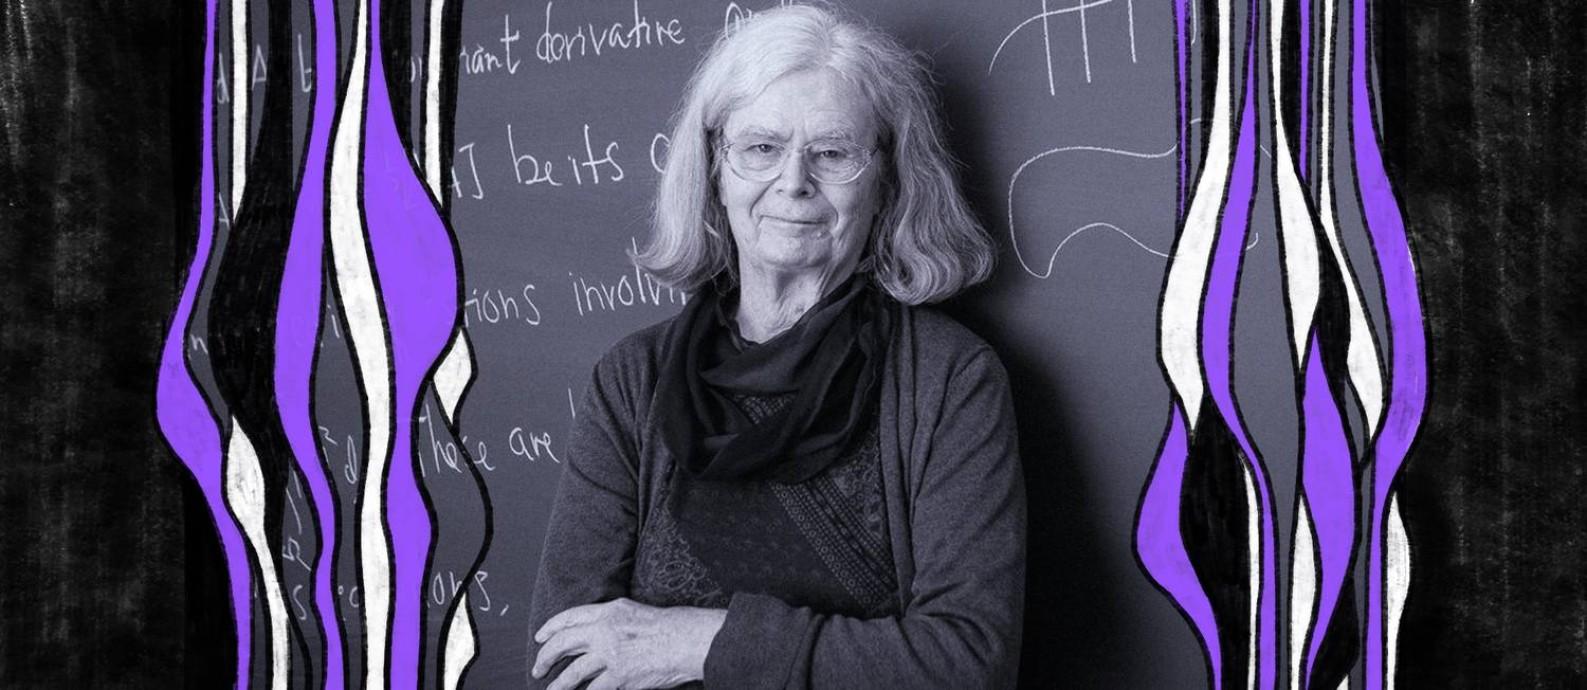 """Karen Uhlenbeck: """"Eu certamente me senti mal, durante toda a minha carreira, por ser uma mulher. Isto é, eu nunca me senti como um dos 'caras'"""" Foto: Andrea Kane/Instituto de Estudos Avançados da Universidade Princeton"""